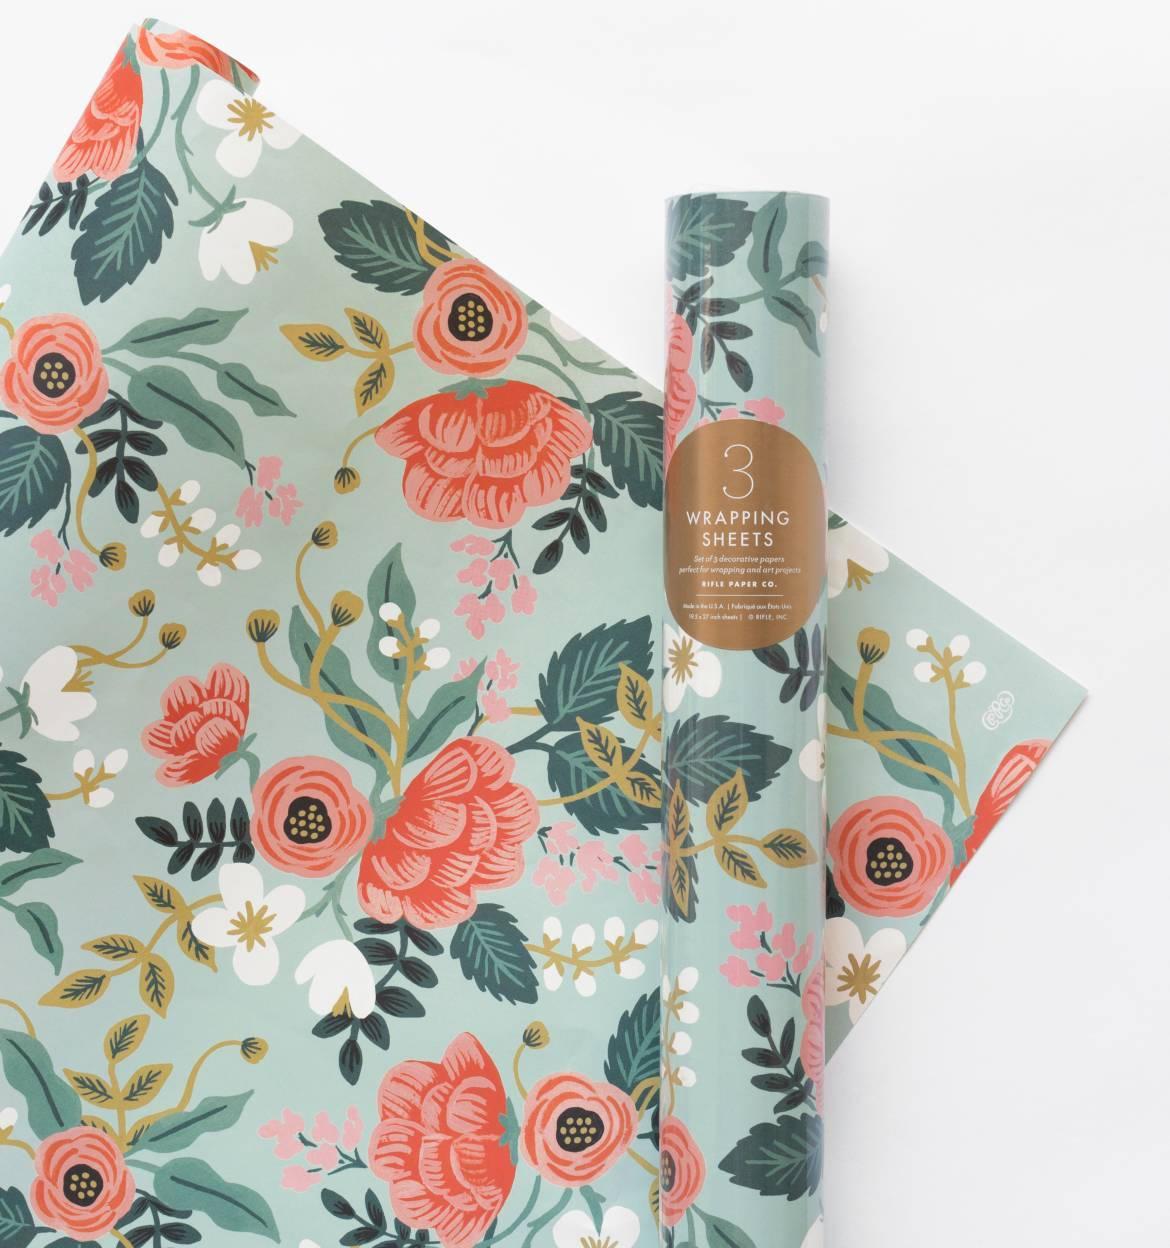 Rifle Paper Co. Balicí papír s květinami Birch - 3 listy, zelená barva, papír